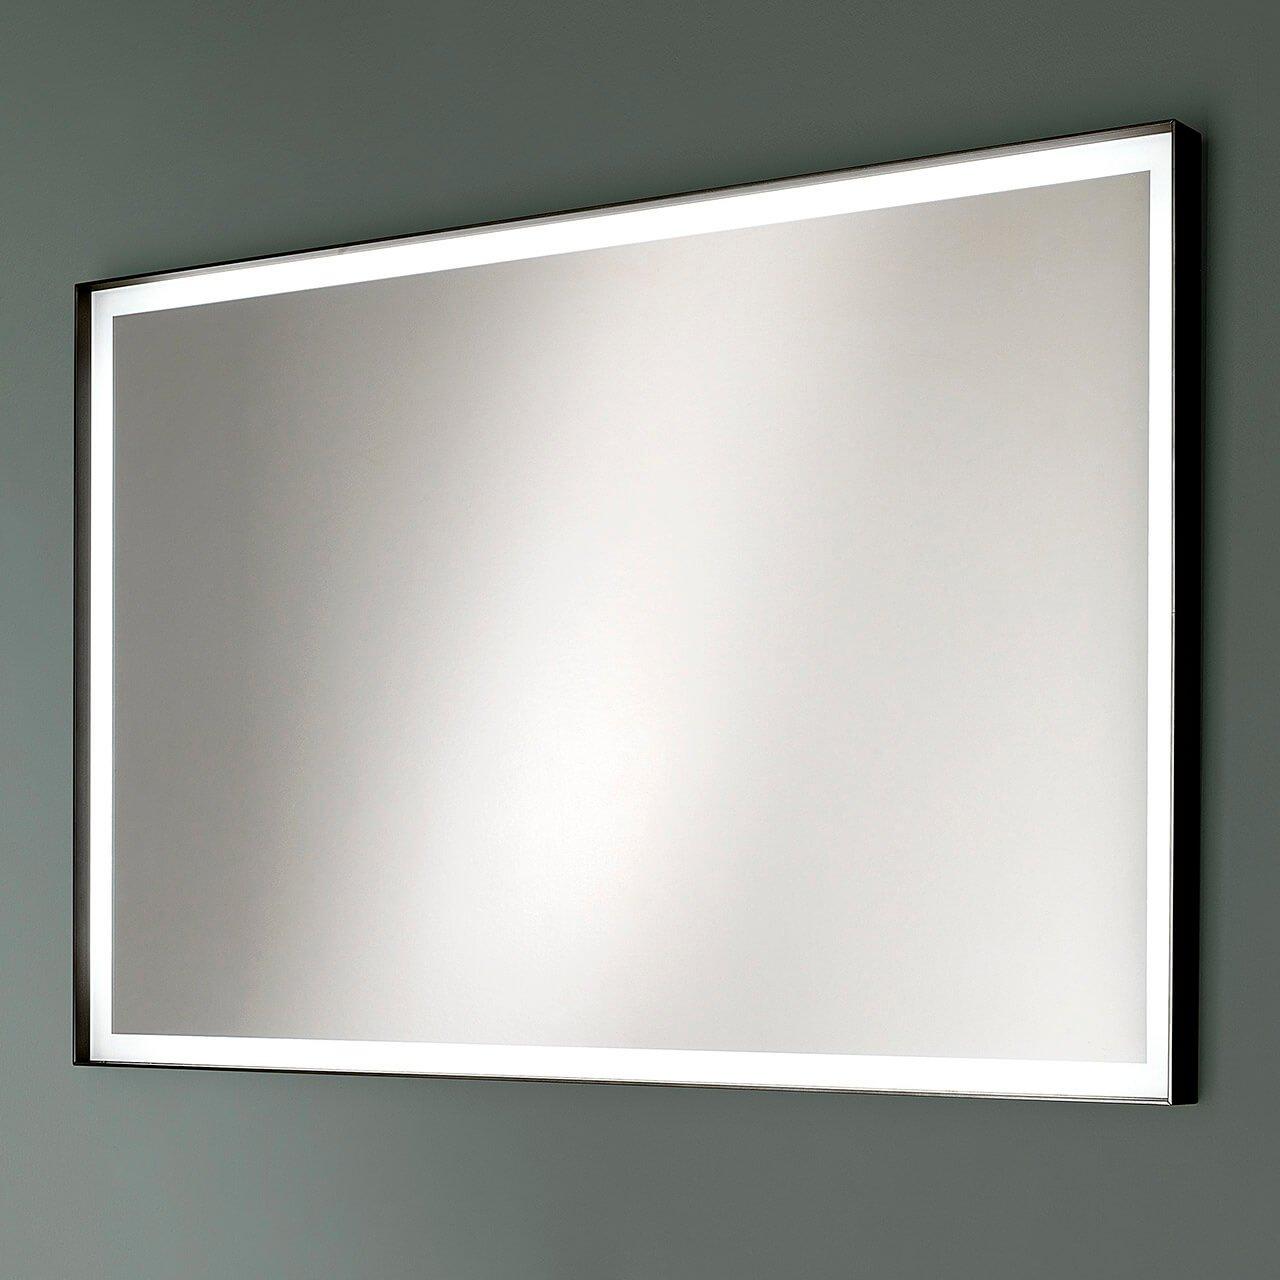 Specchio Charme nero